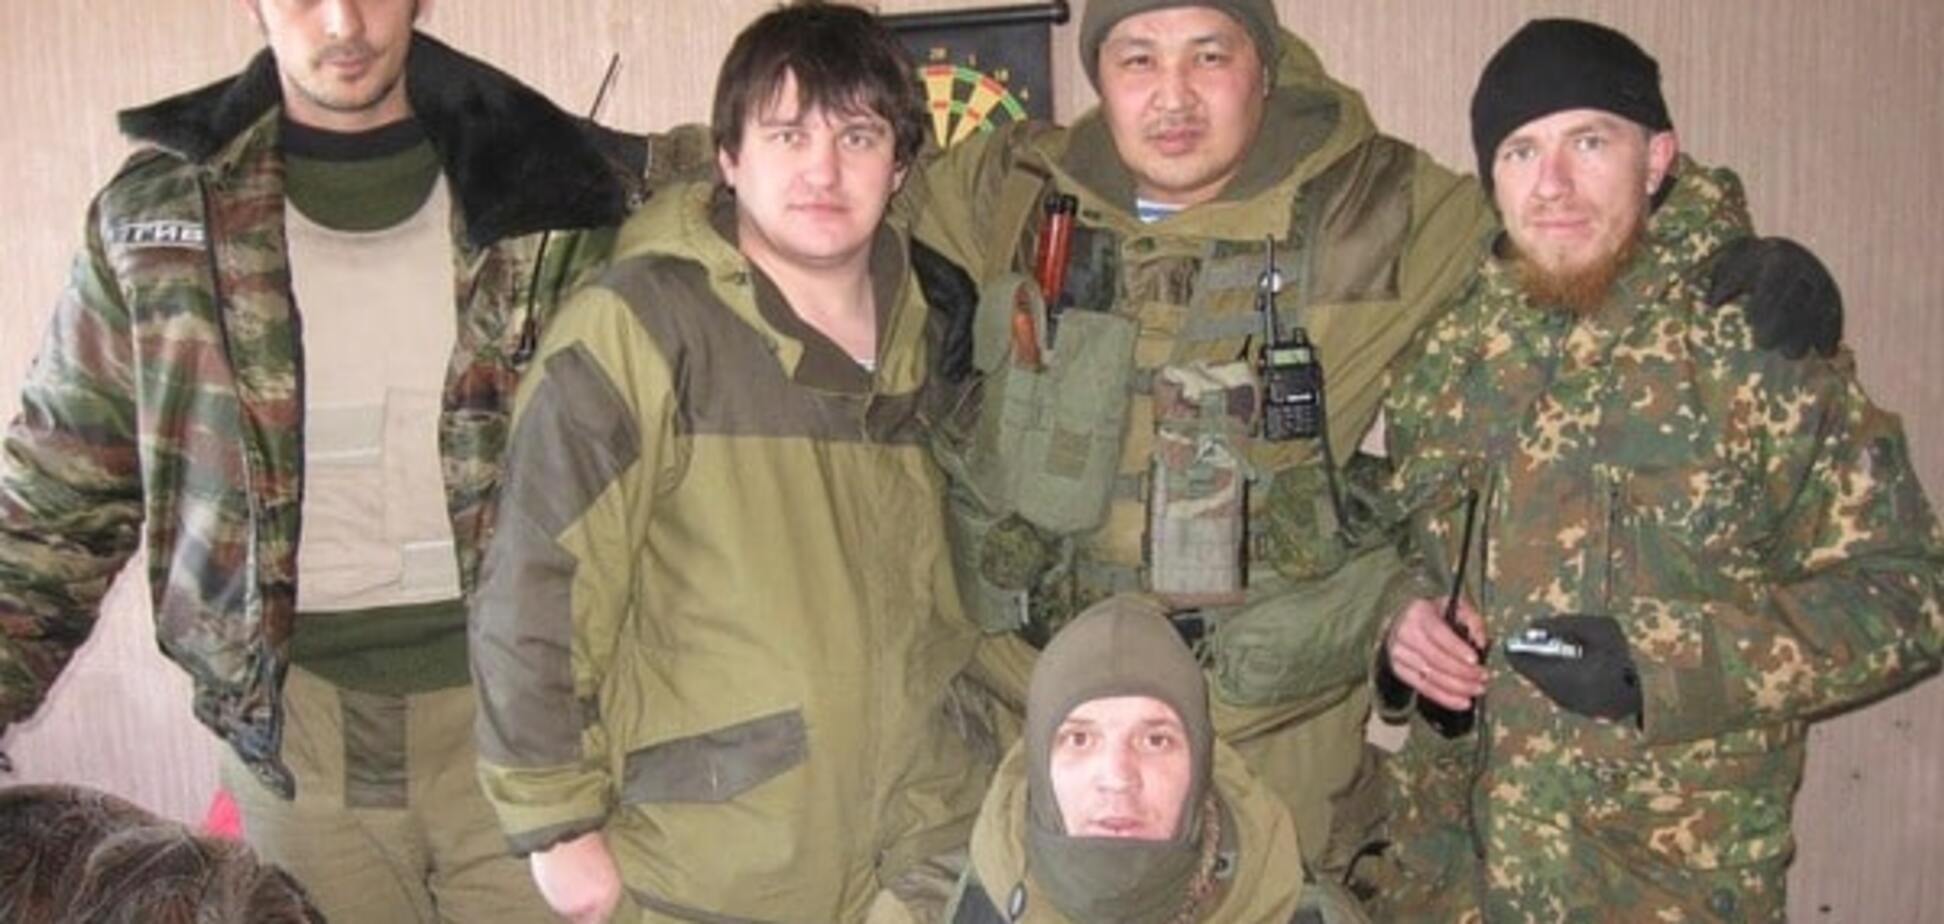 Бизнес на 'мертвых душах': волонтер рассказал, как террористы 'ДНР' обманывают Кремль